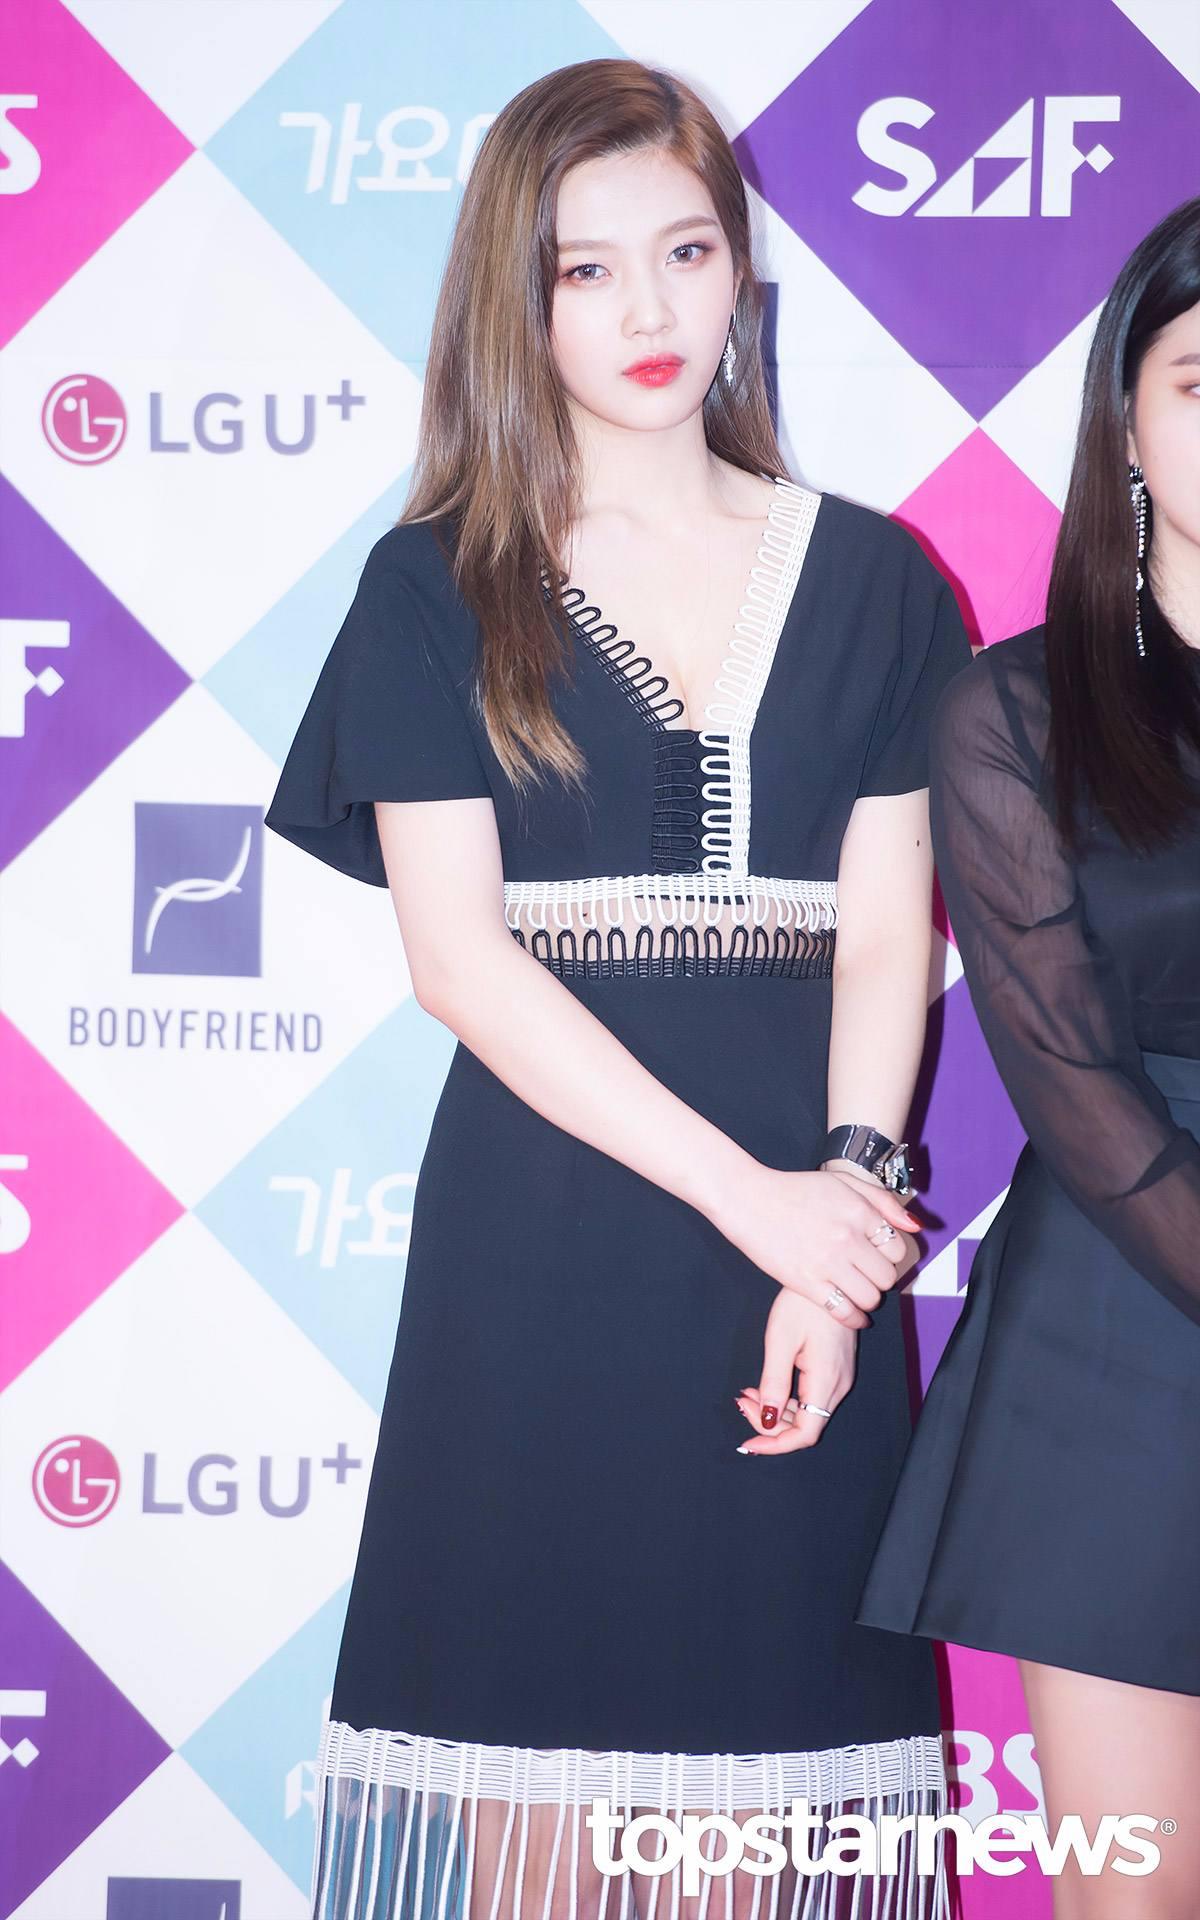 像這一件超低胸的洋裝根本超犯規...不過好險,前陣子公司宣布Joy將拍攝tvN新戲《她愛上了我的謊》擔任女主角剛好是學生的角色!